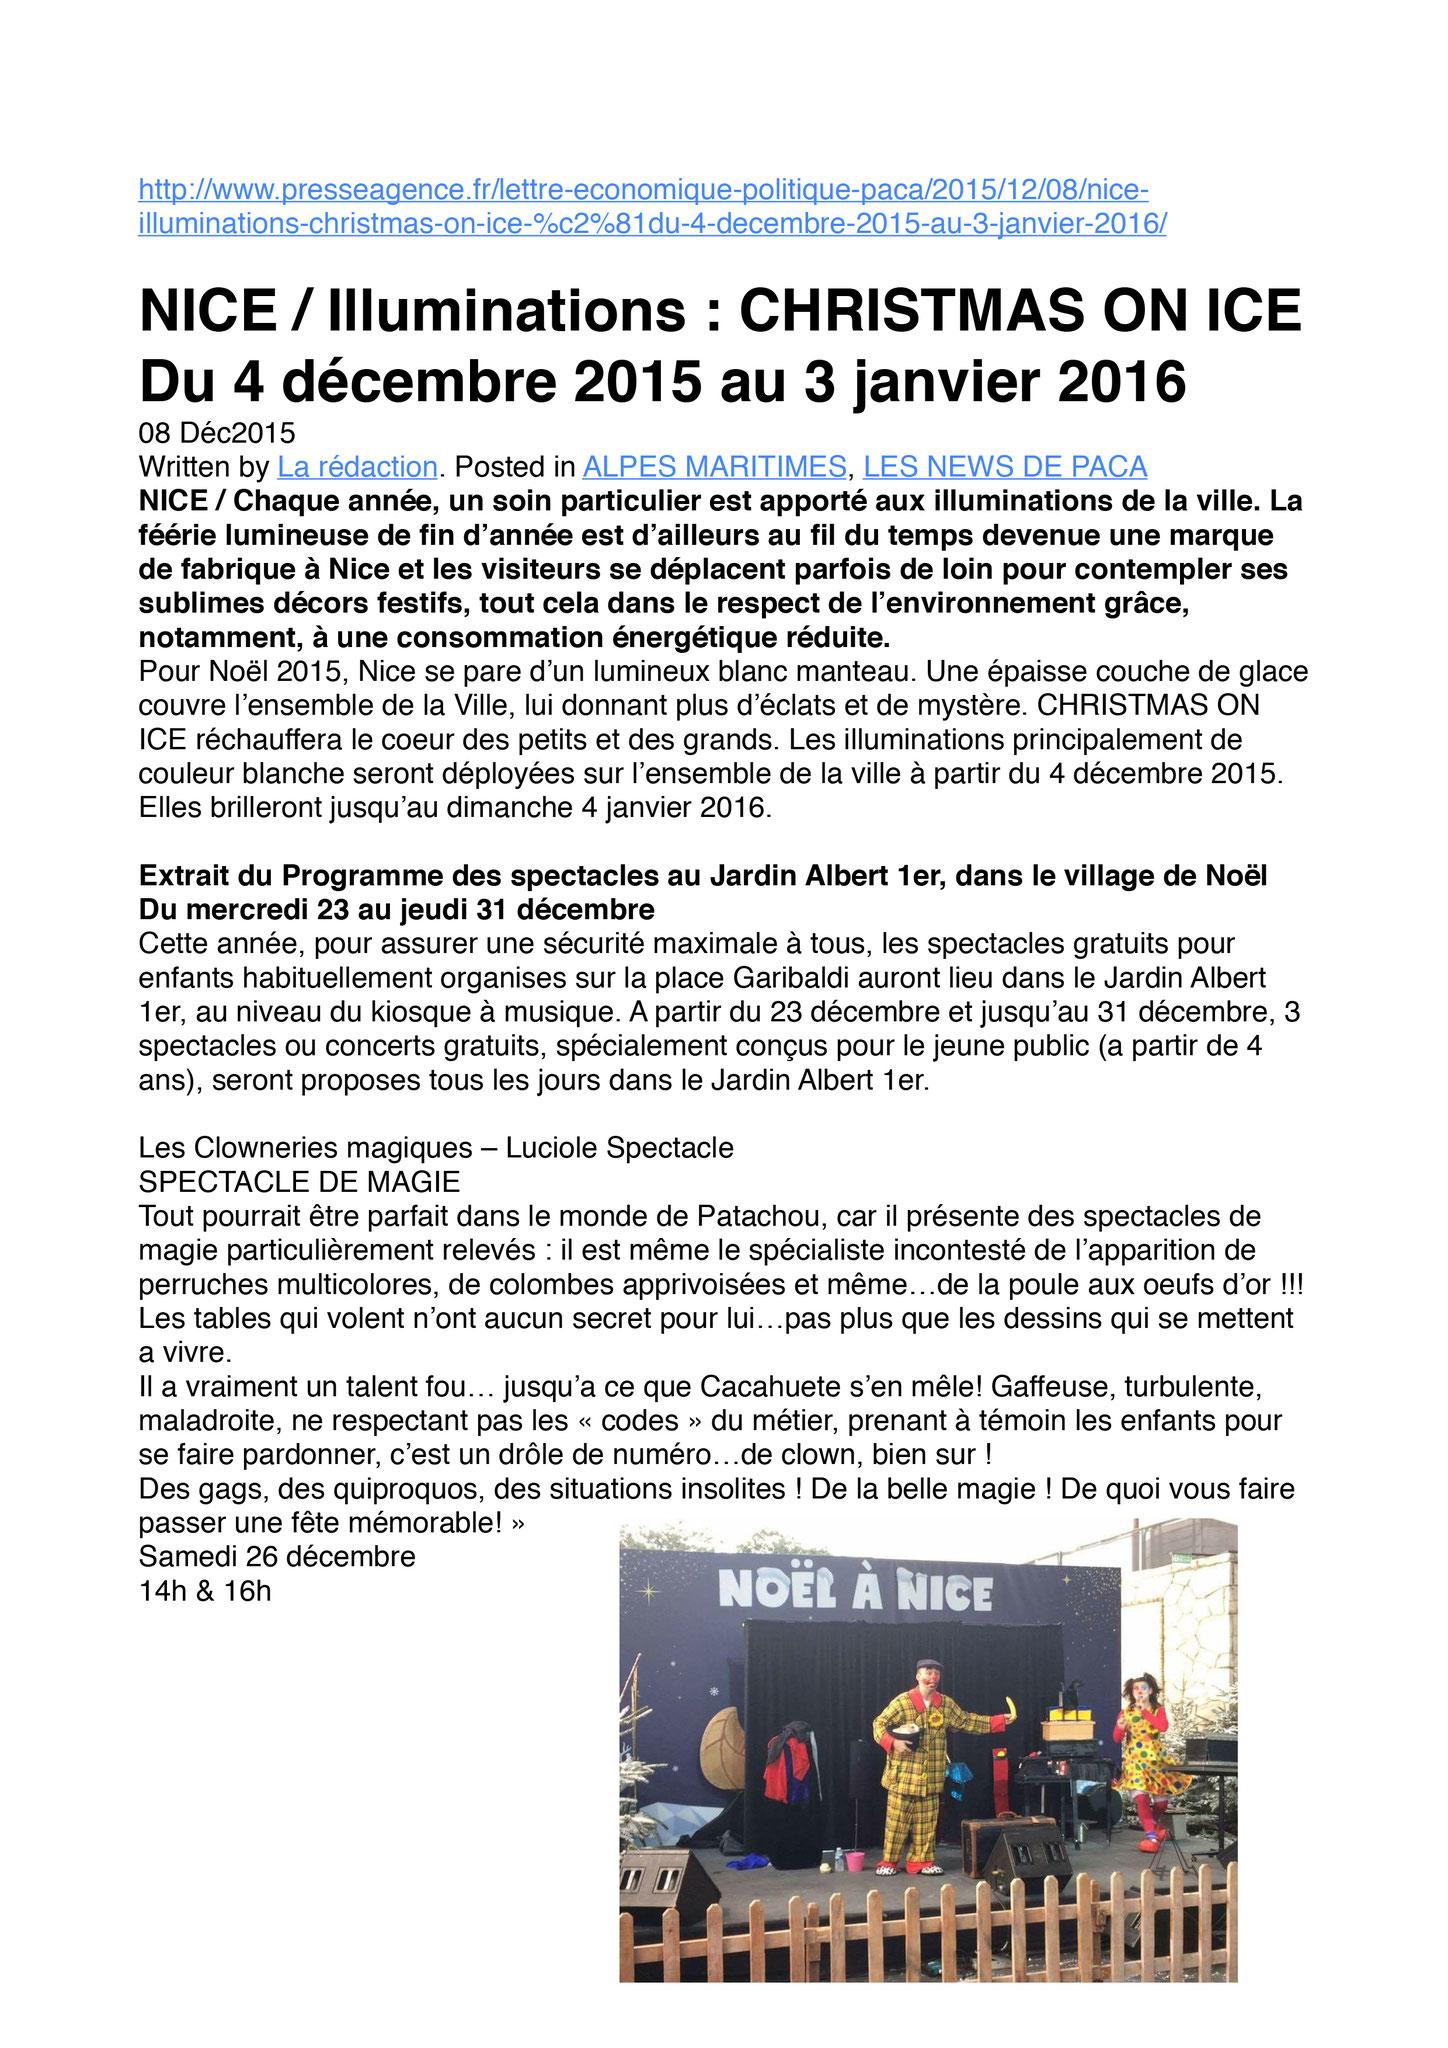 Extrait du site Nice-Ville-Spectacle Les Clowneries Magiques- Marché de Noël 2015 et 2016